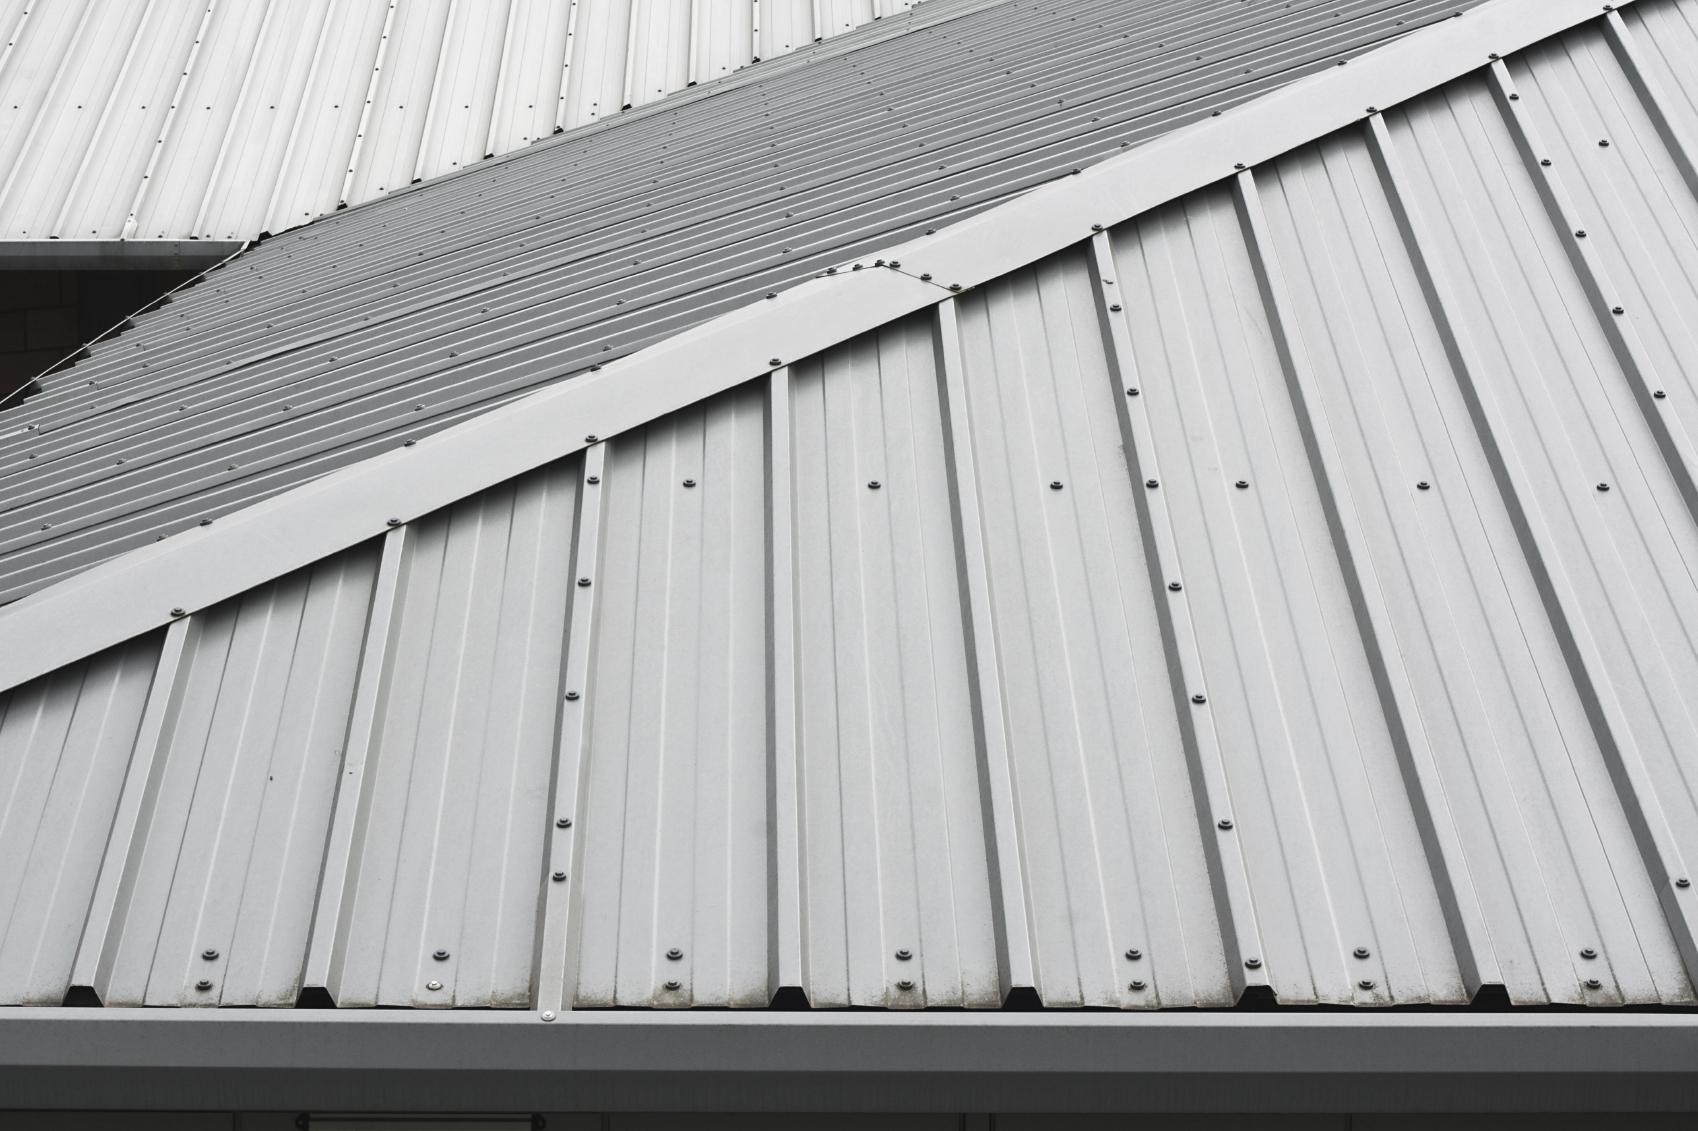 Top Dacheindeckung mit Zinkblech: Kosten & Vorteile » 11880-dachdecker.com JC17